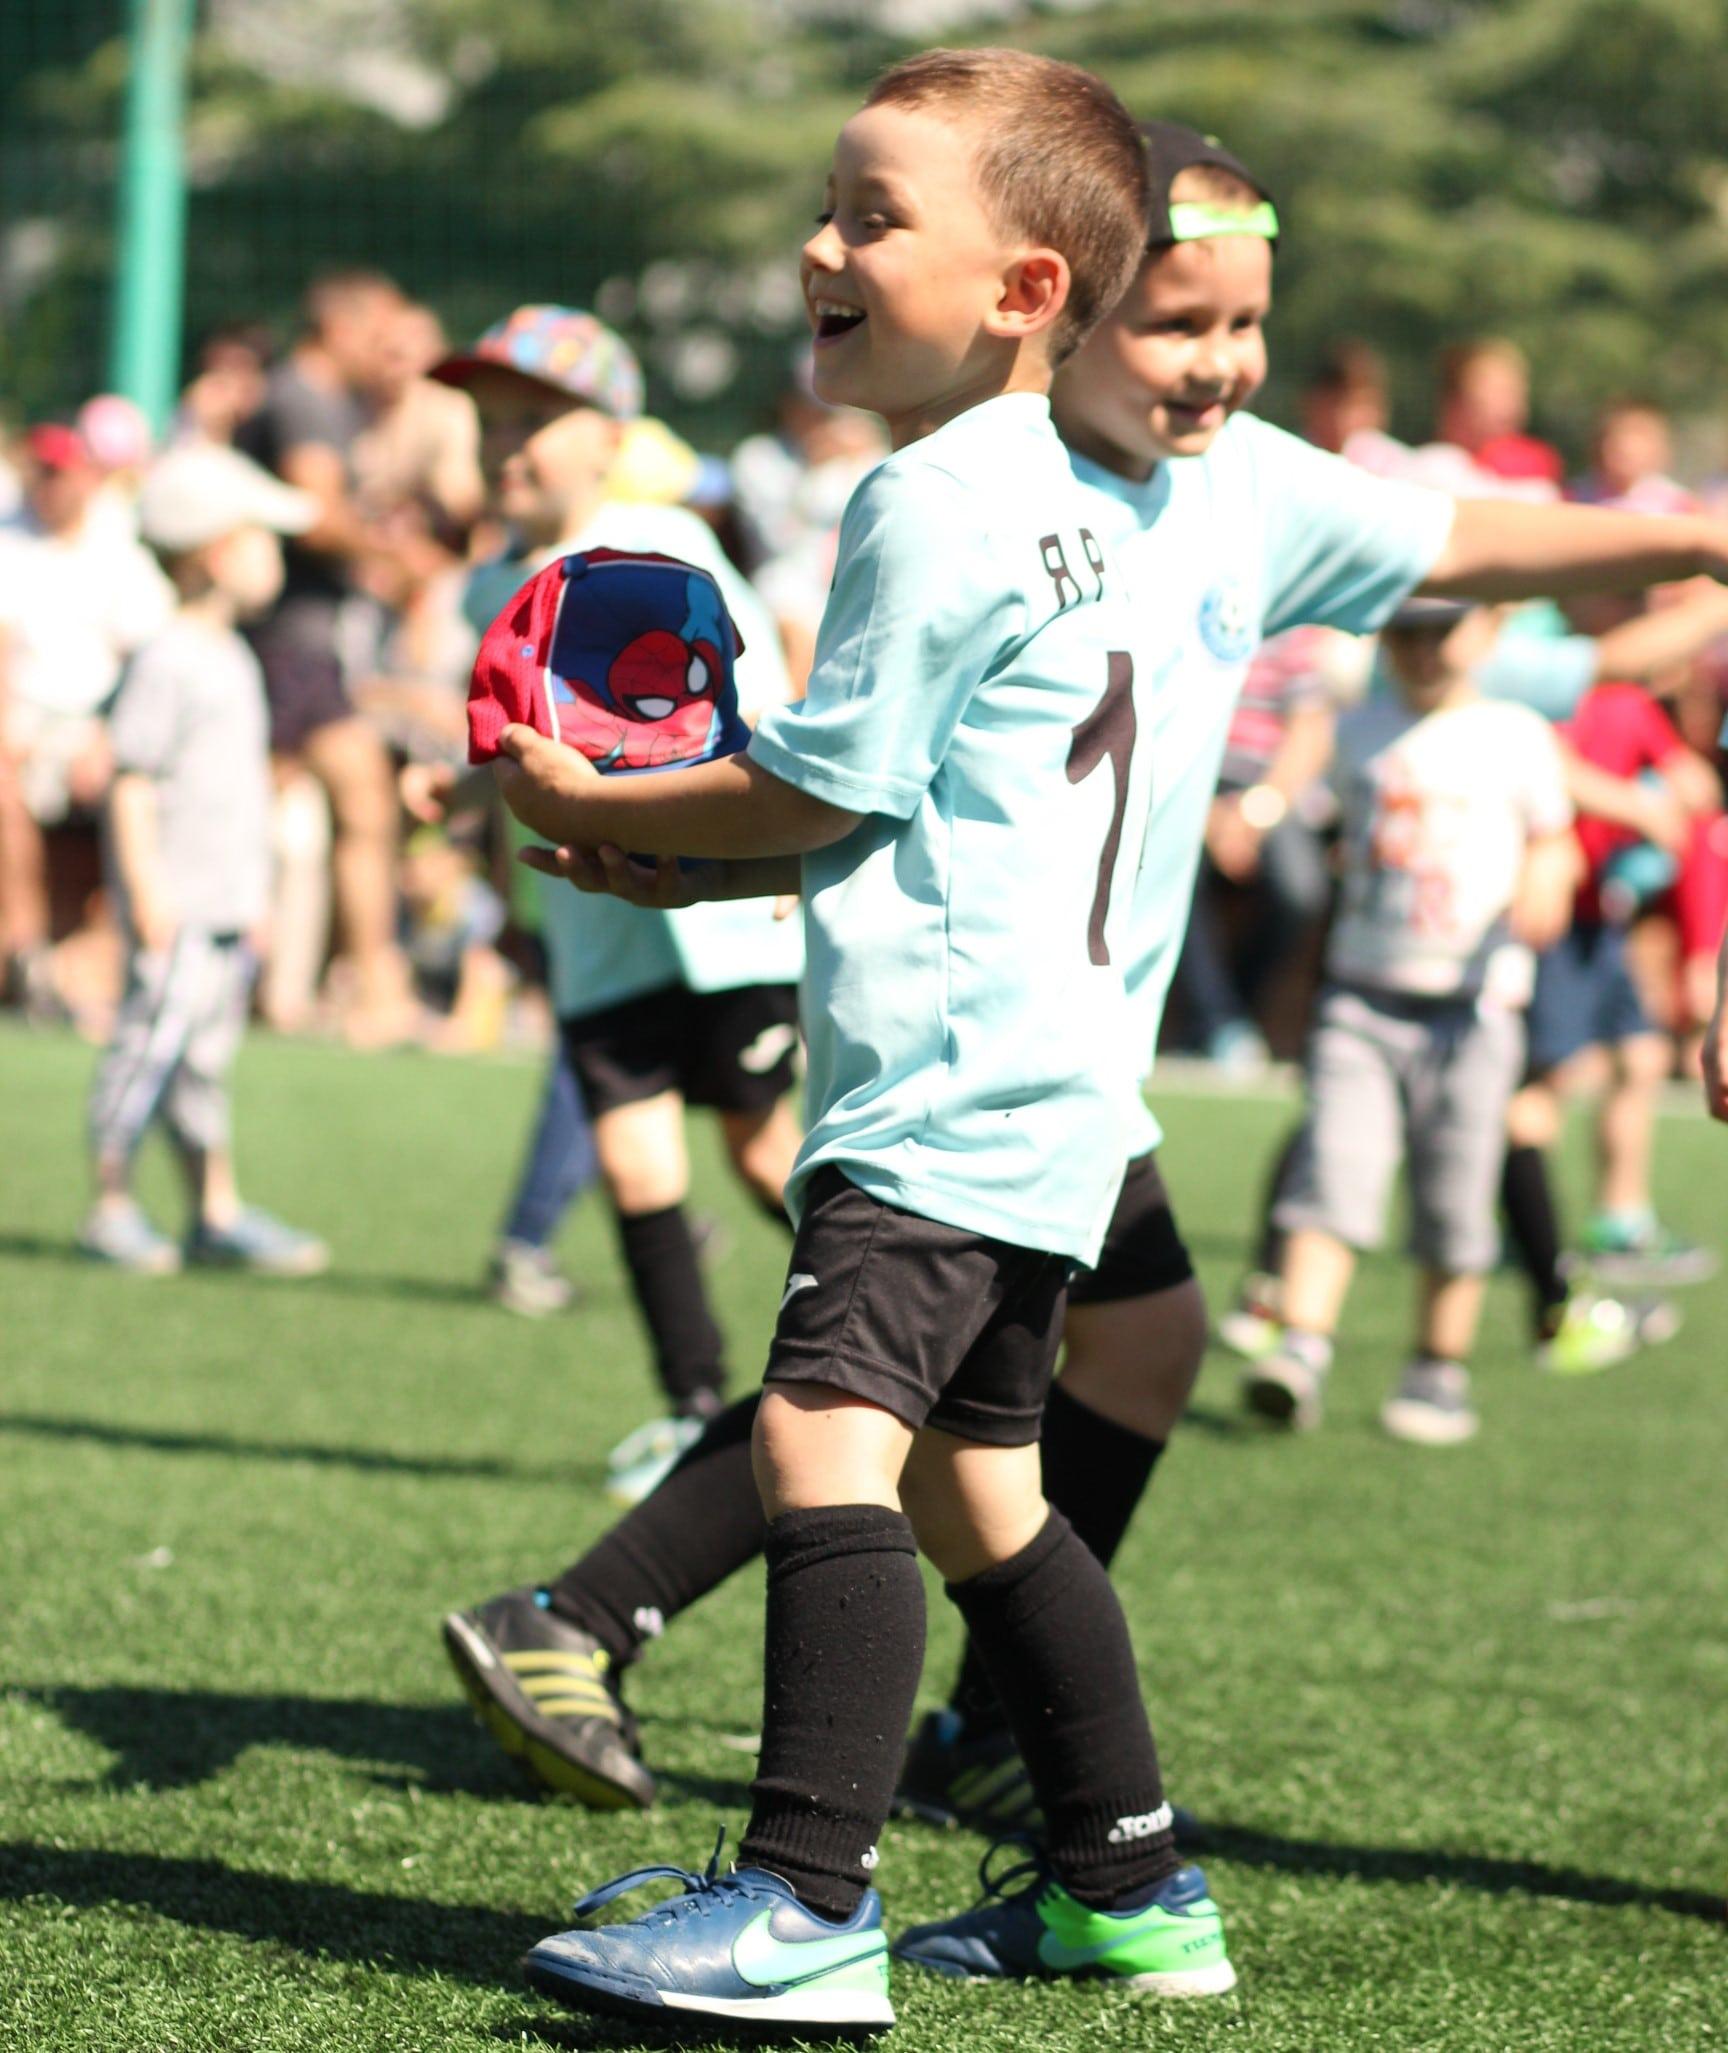 Фото детей из футбольной секции